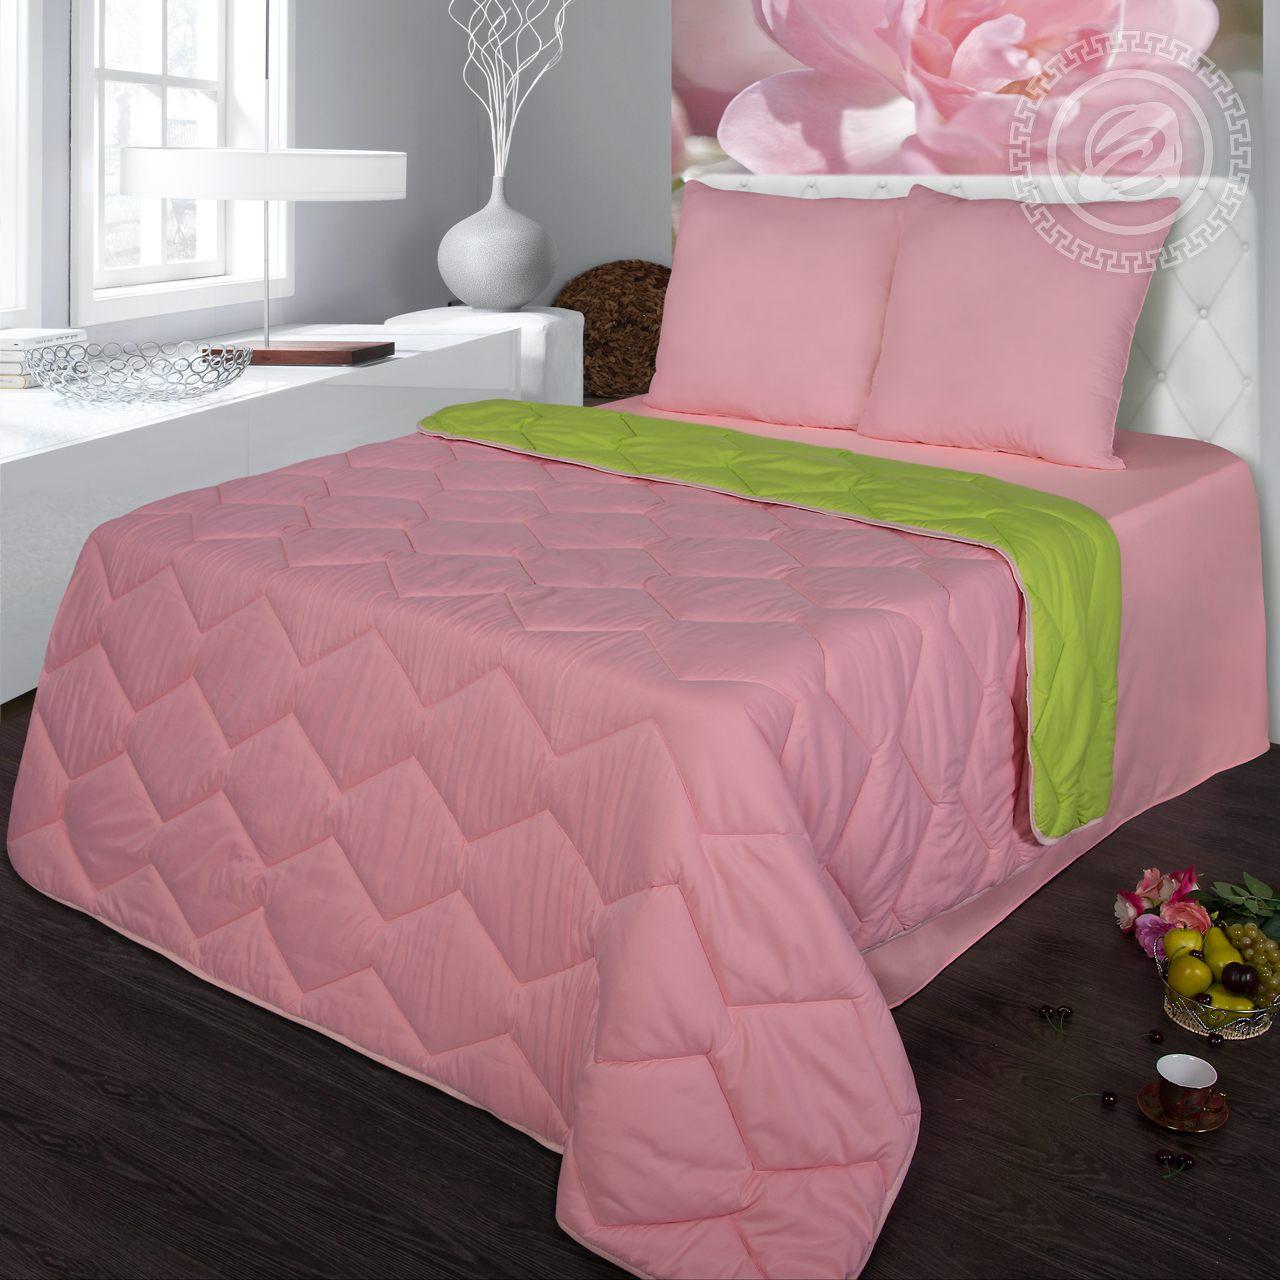 """Одеяло """"Comfort Розовый"""" р. 1,5-сп. — Comfort Розовый"""